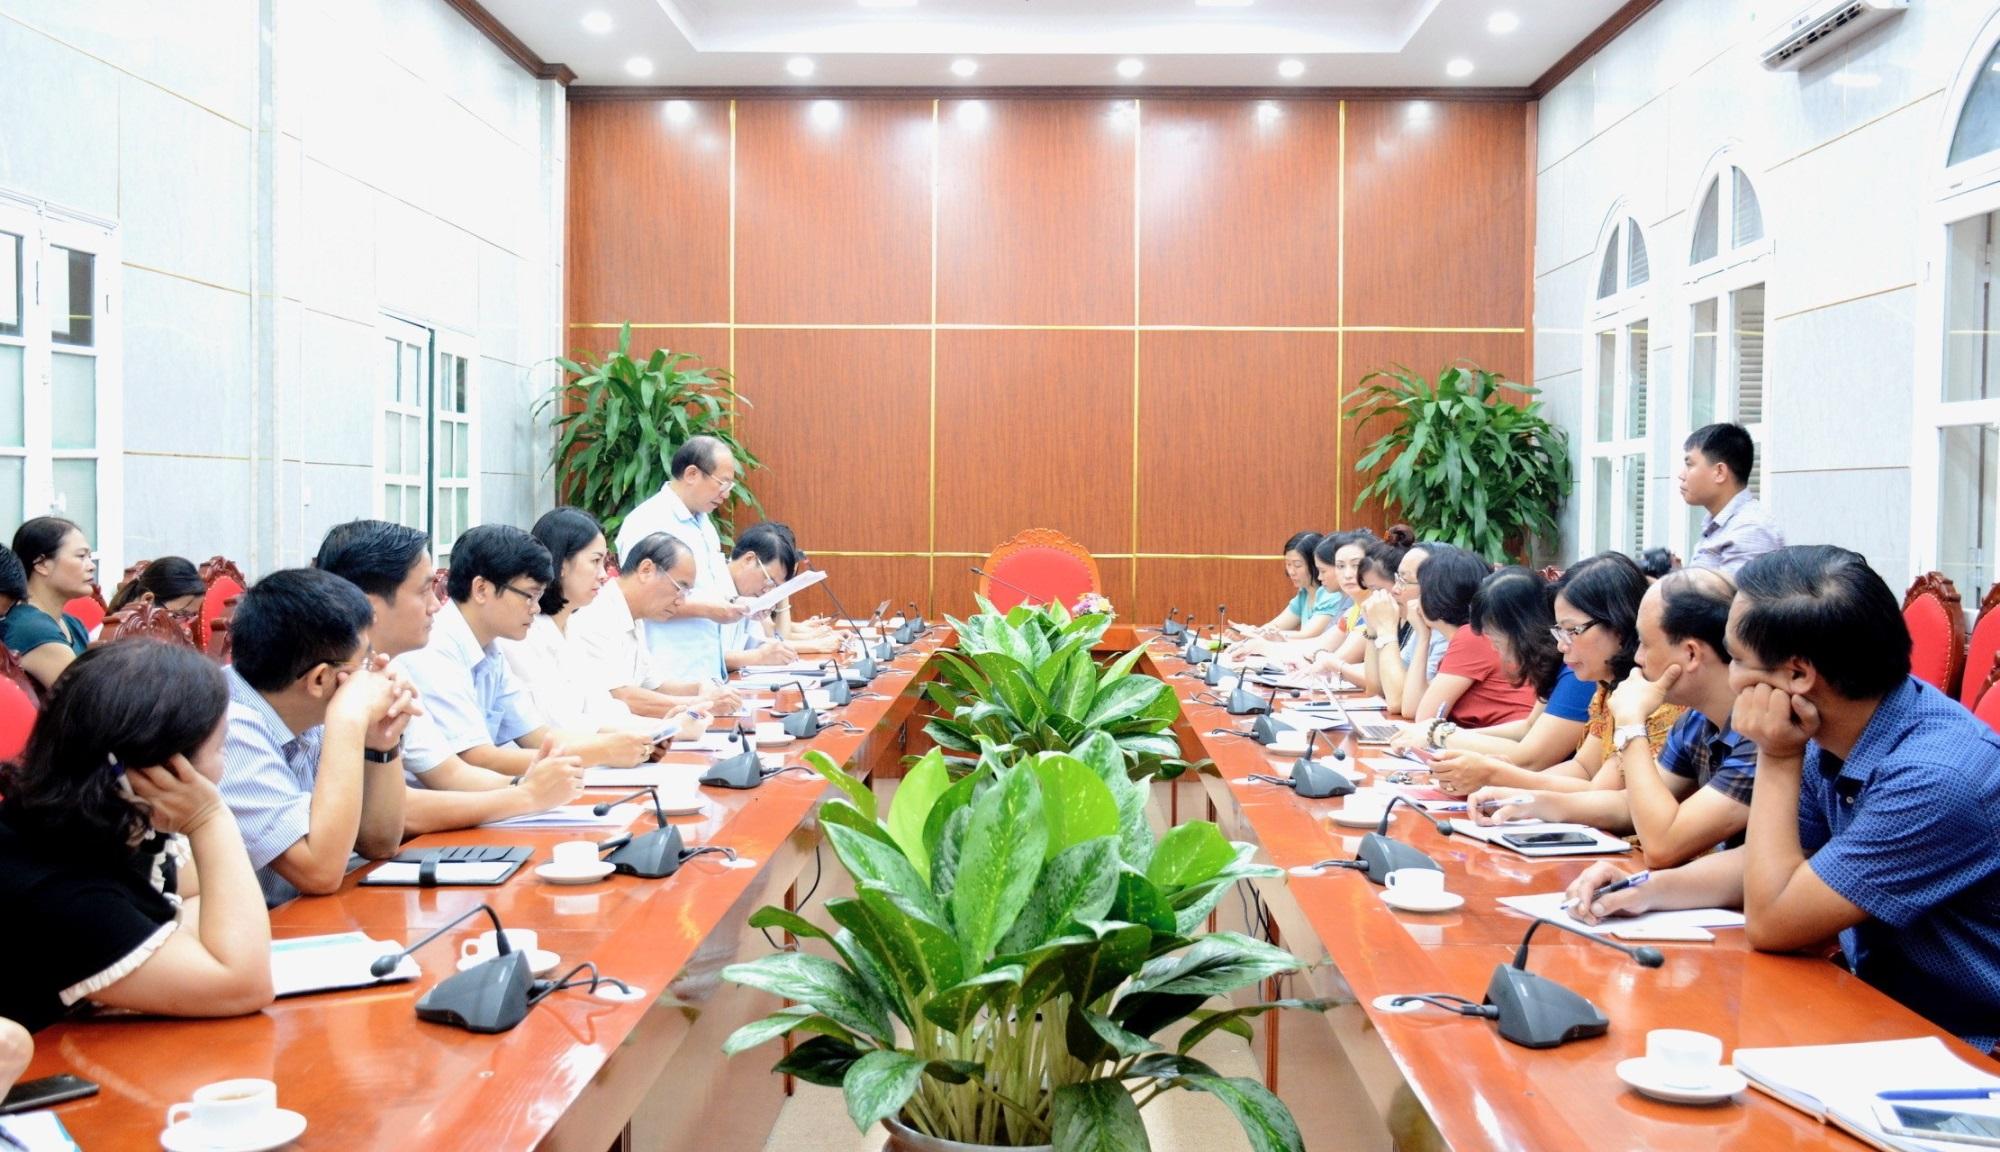 Bộ GD-ĐT yêu cầu Sở GD-ĐT Hà Nội thanh tra các trường mang danh quốc tế - Ảnh 1